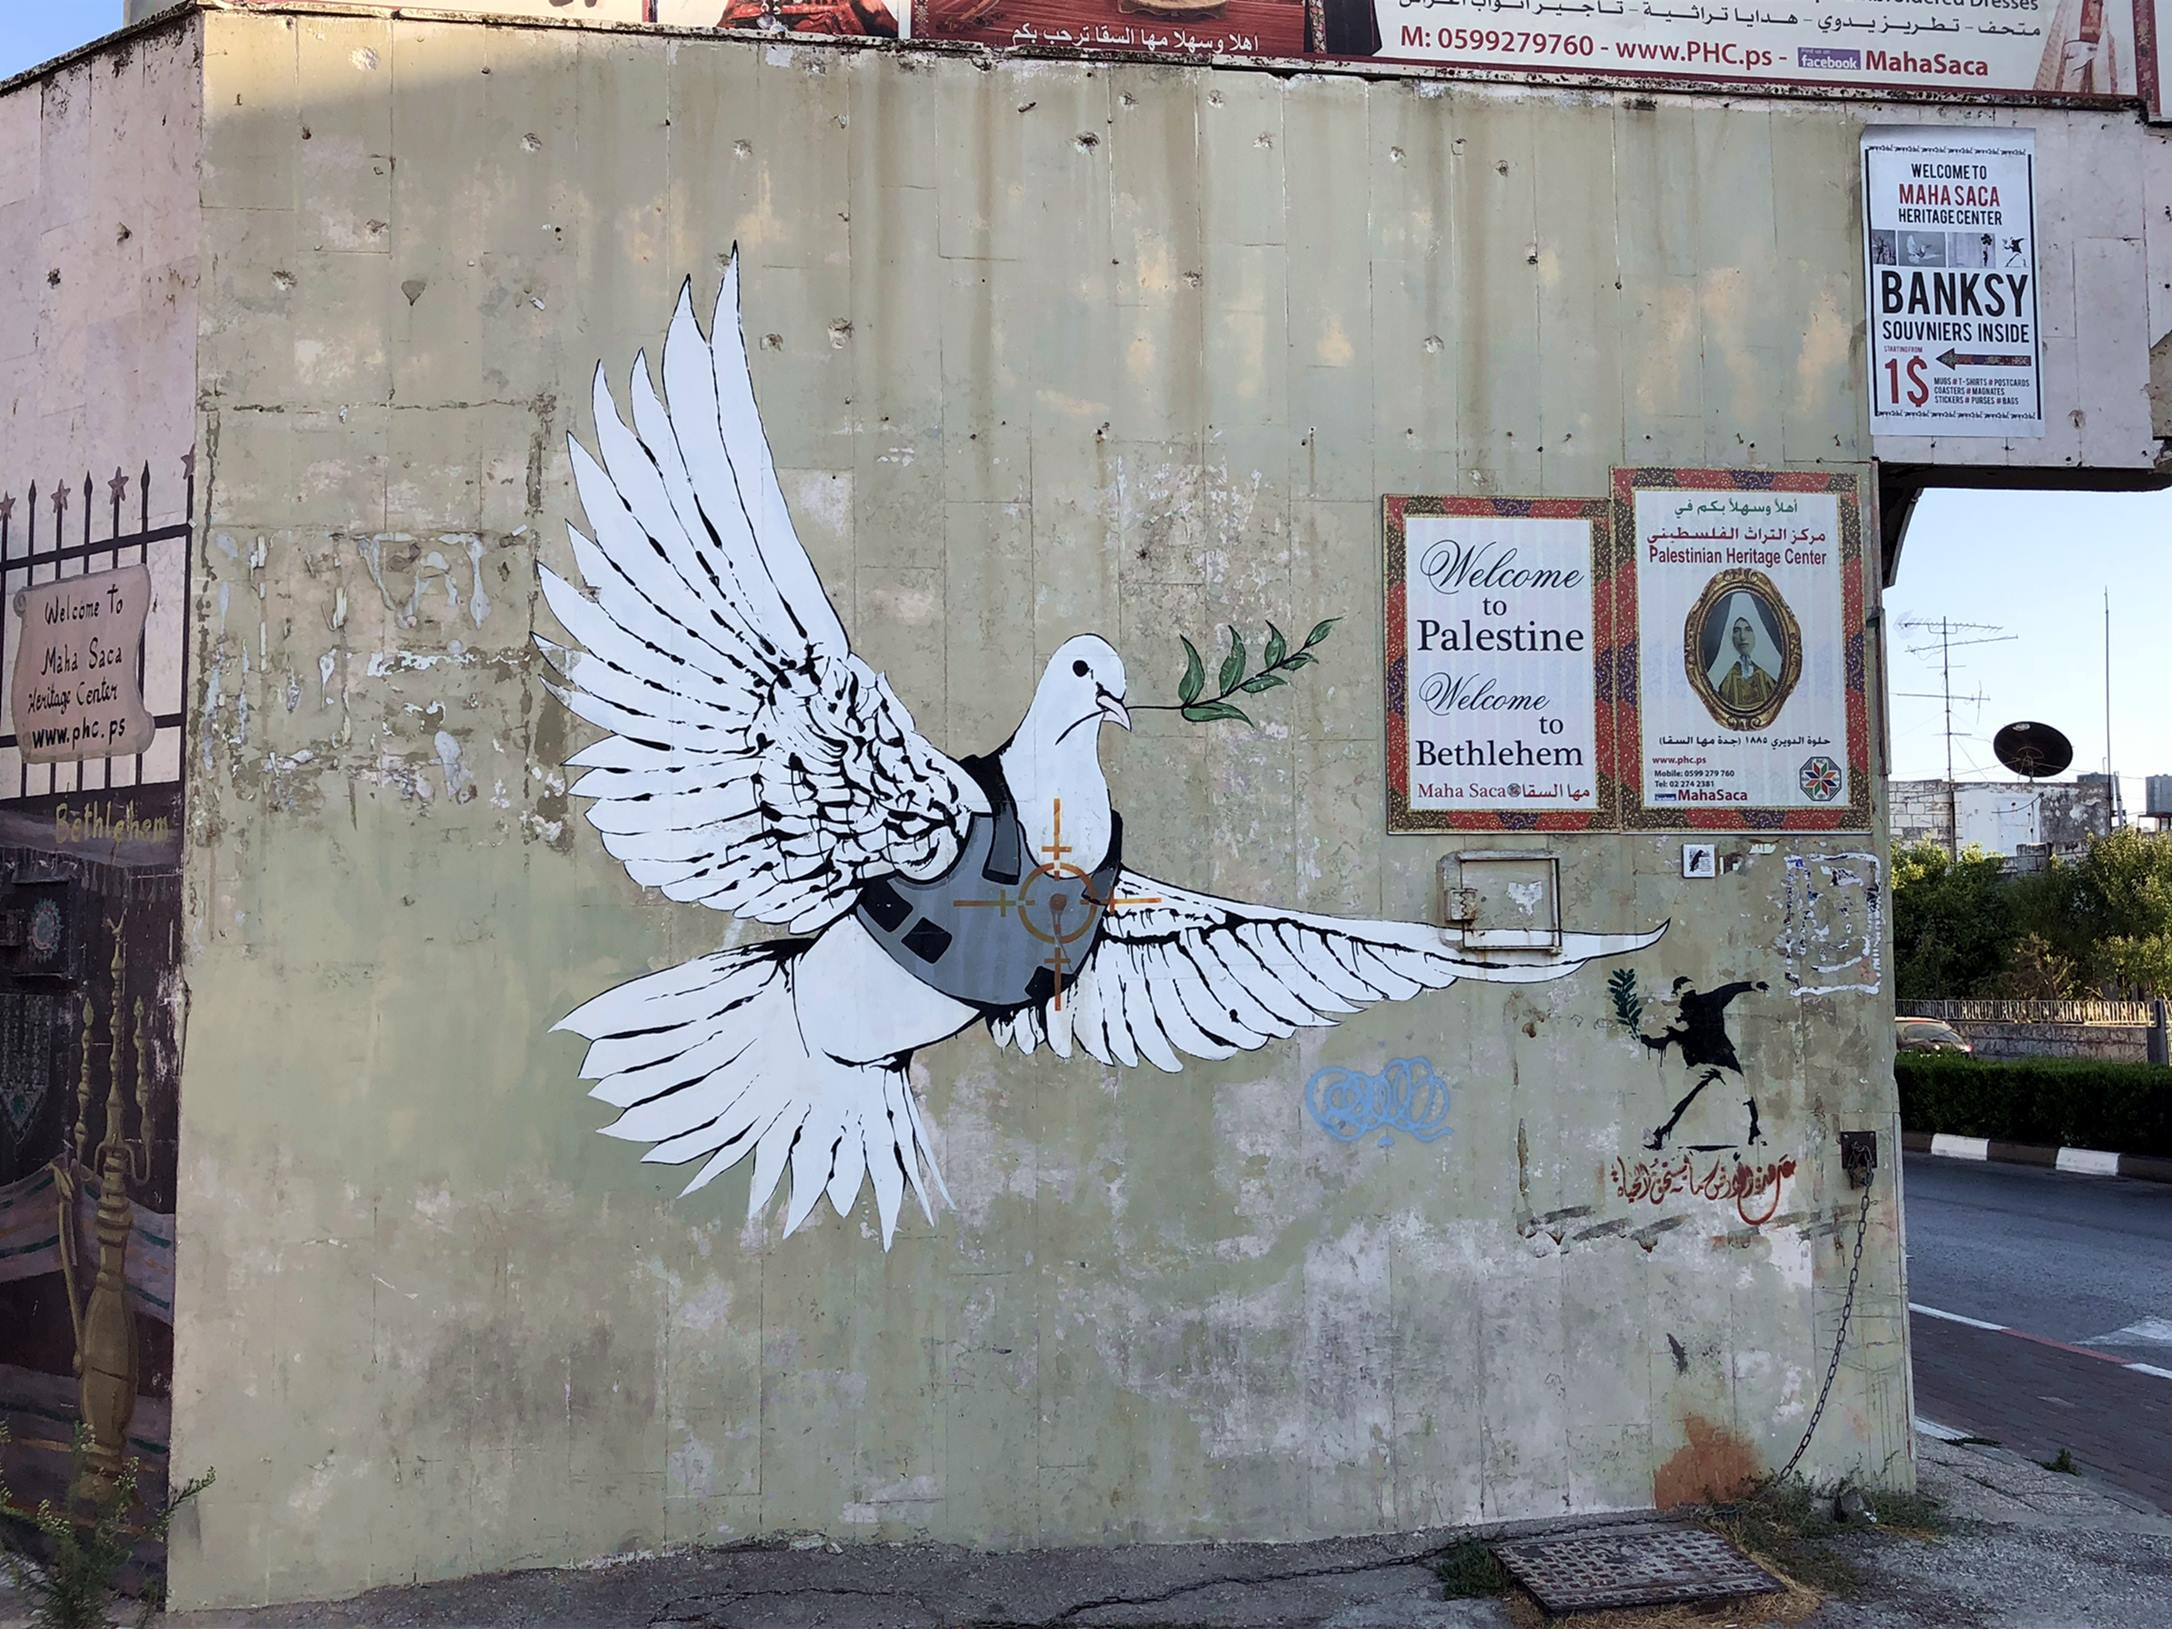 belem_palestina_banksy_2